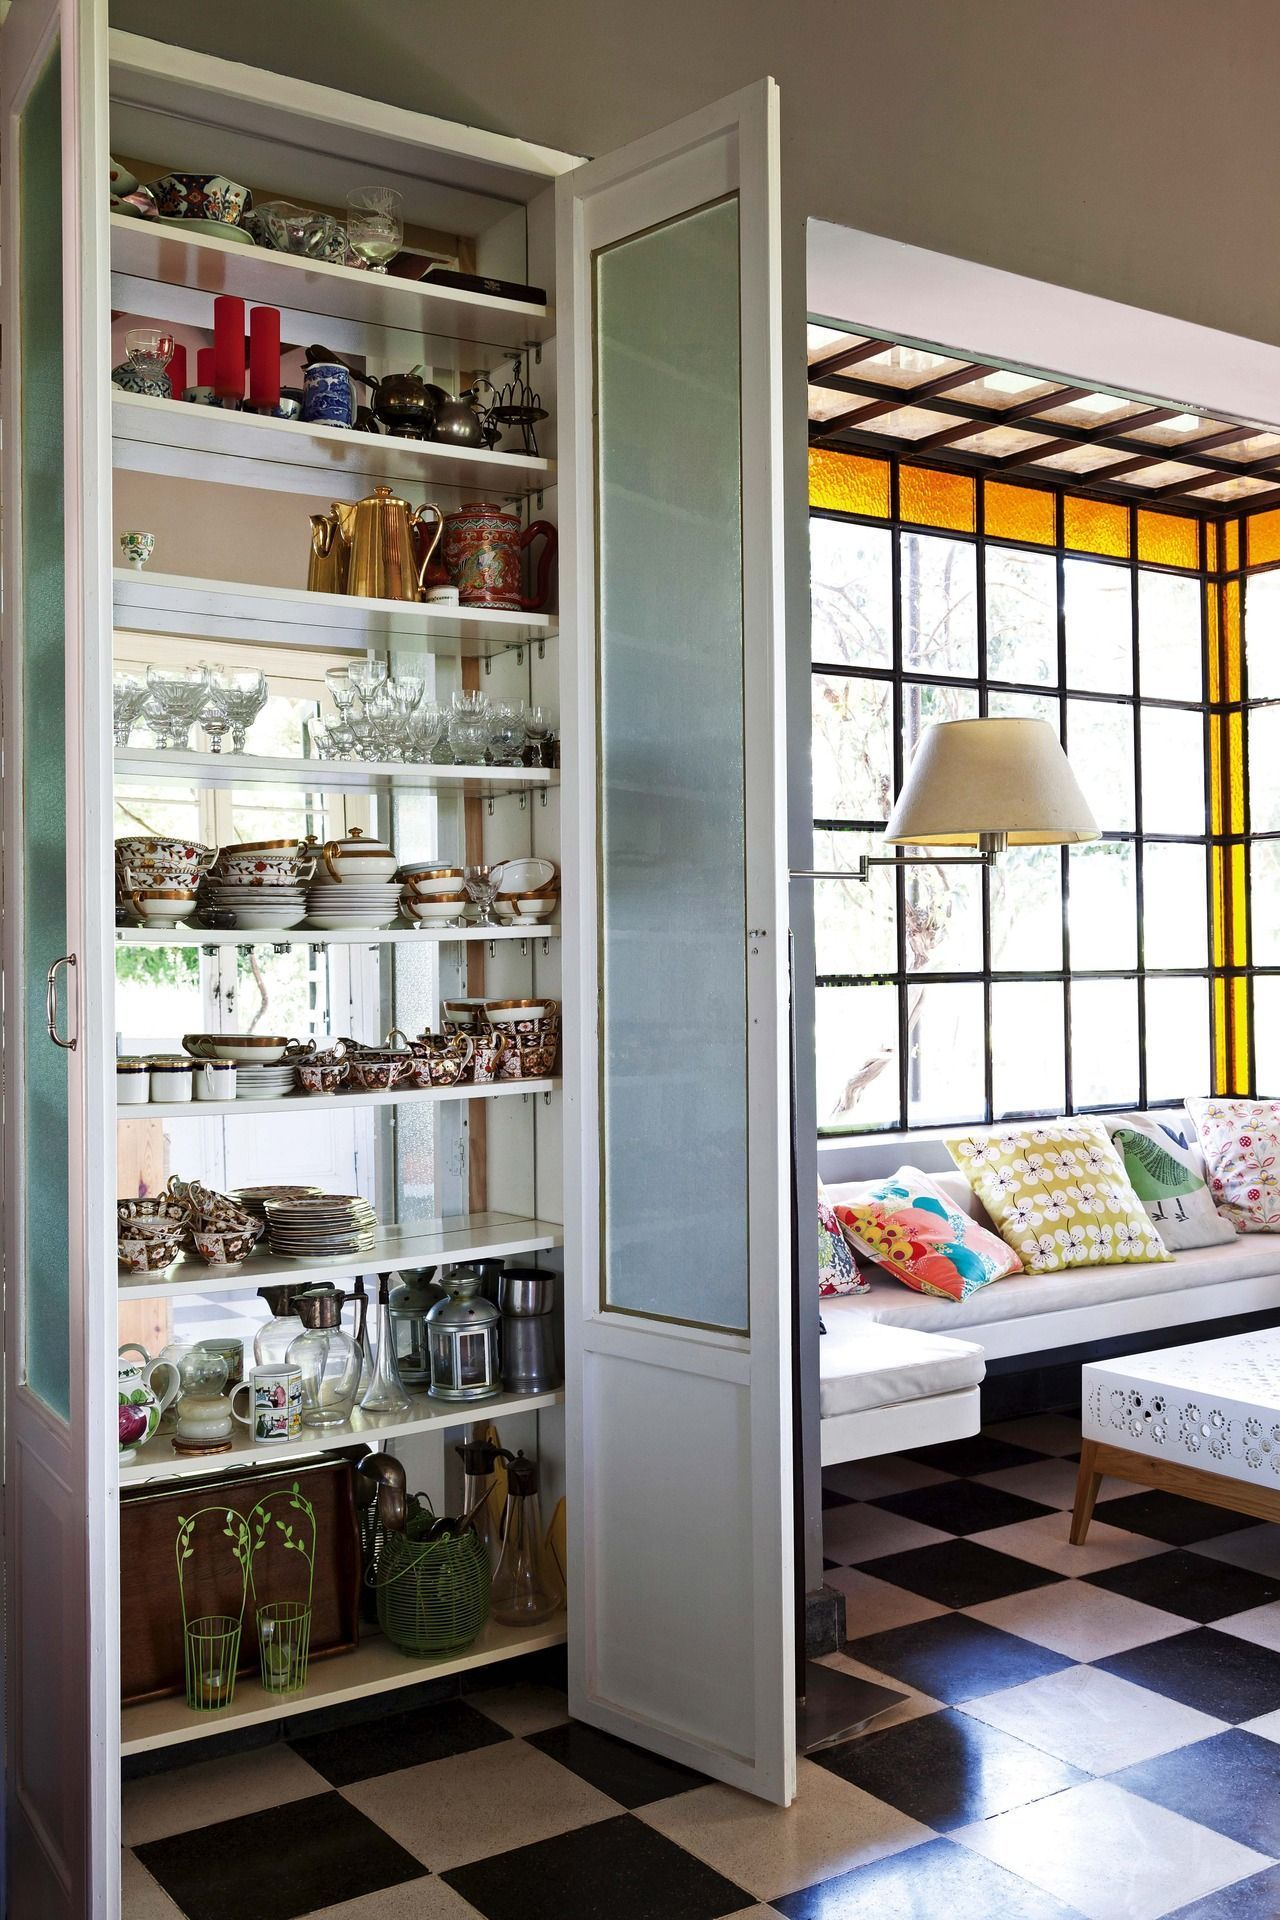 Cocina campestre y moderna con gran ventanal de vidrio repartido ...